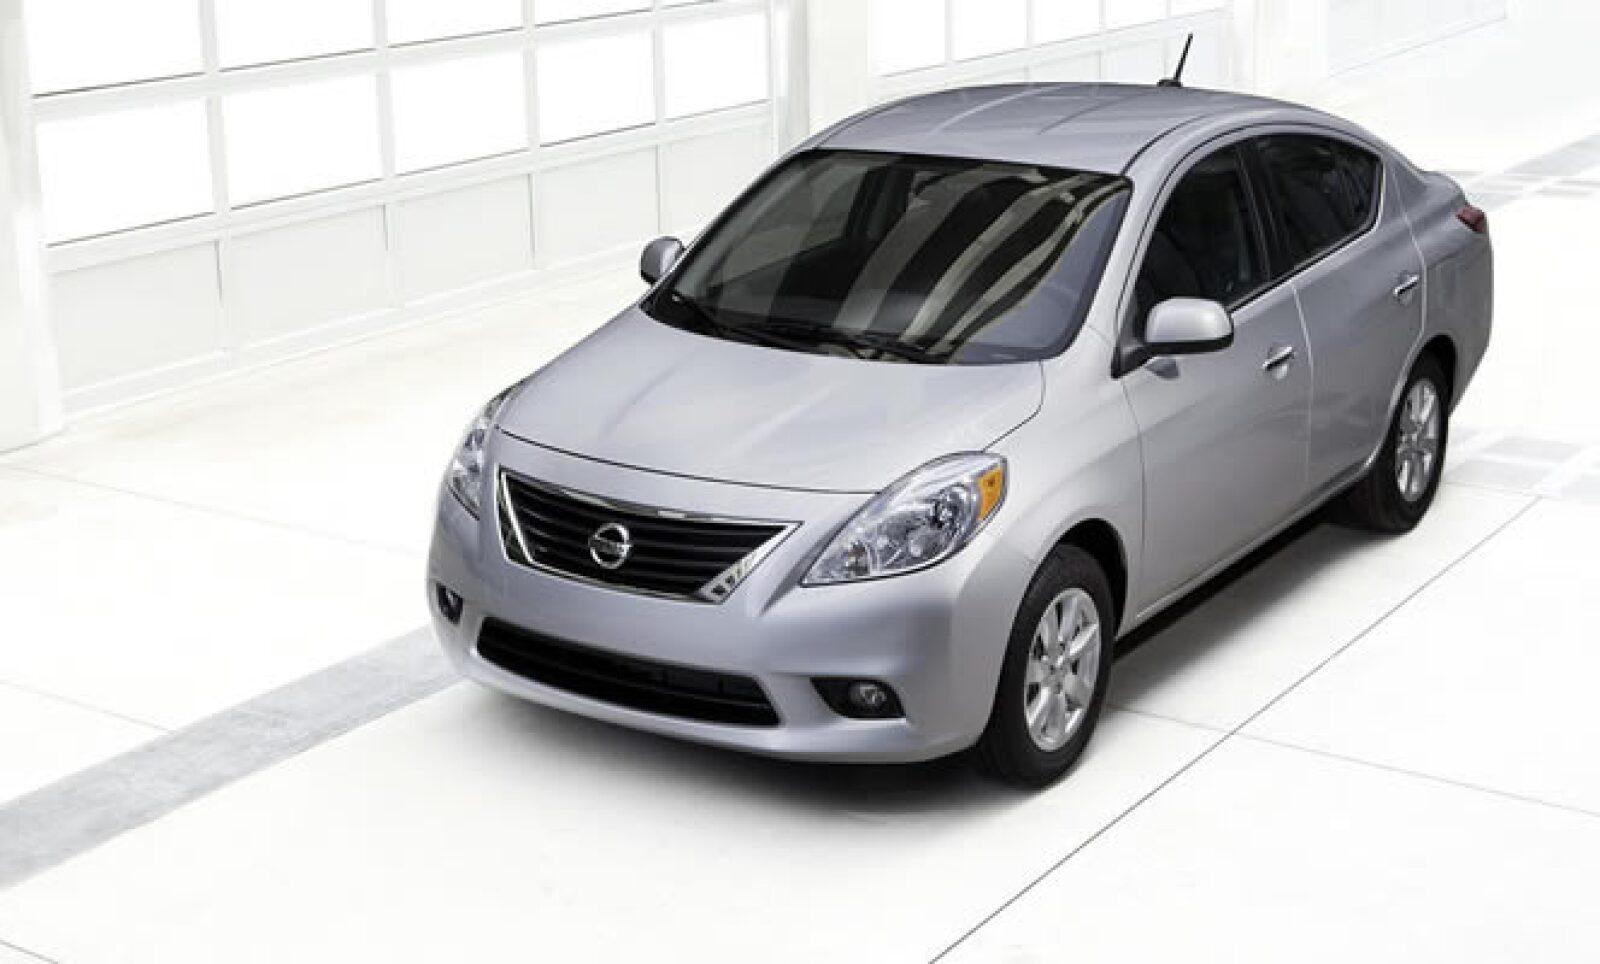 Con un precio de salida de 10,999 dólares, este modelo será fabricado en la planta de la automotriz en Aguascalientes, para exportarse a EU a partir de septiembre.